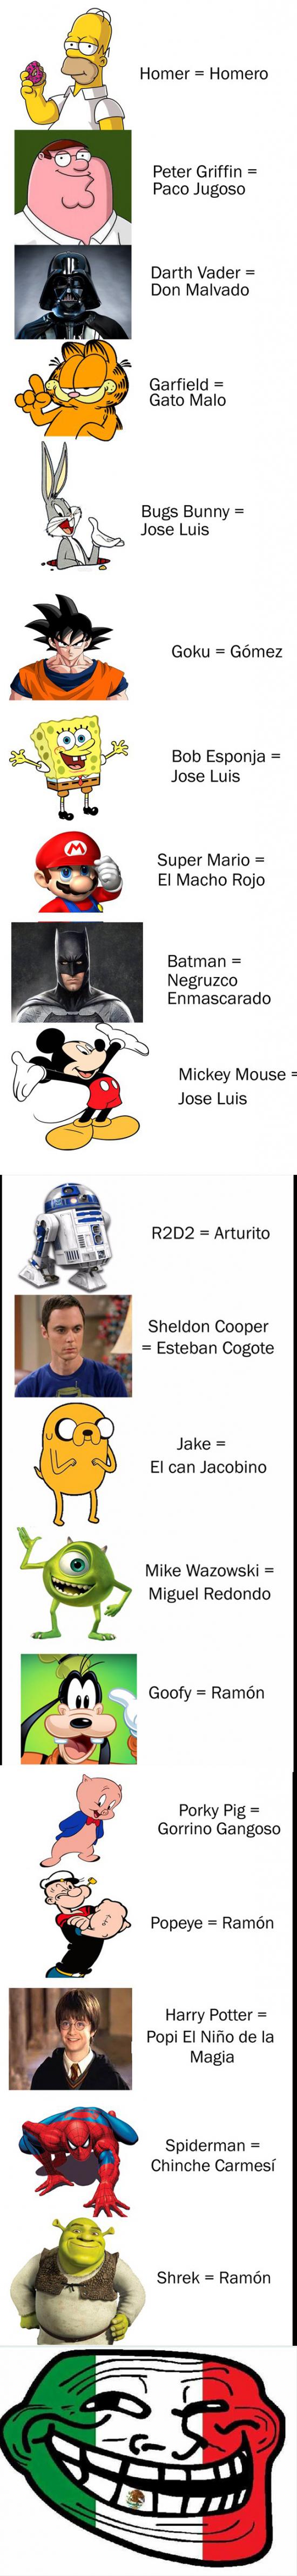 Meme_otros - Latinoamérica y las lamentables traducciones de los personajes más famosos de la TV